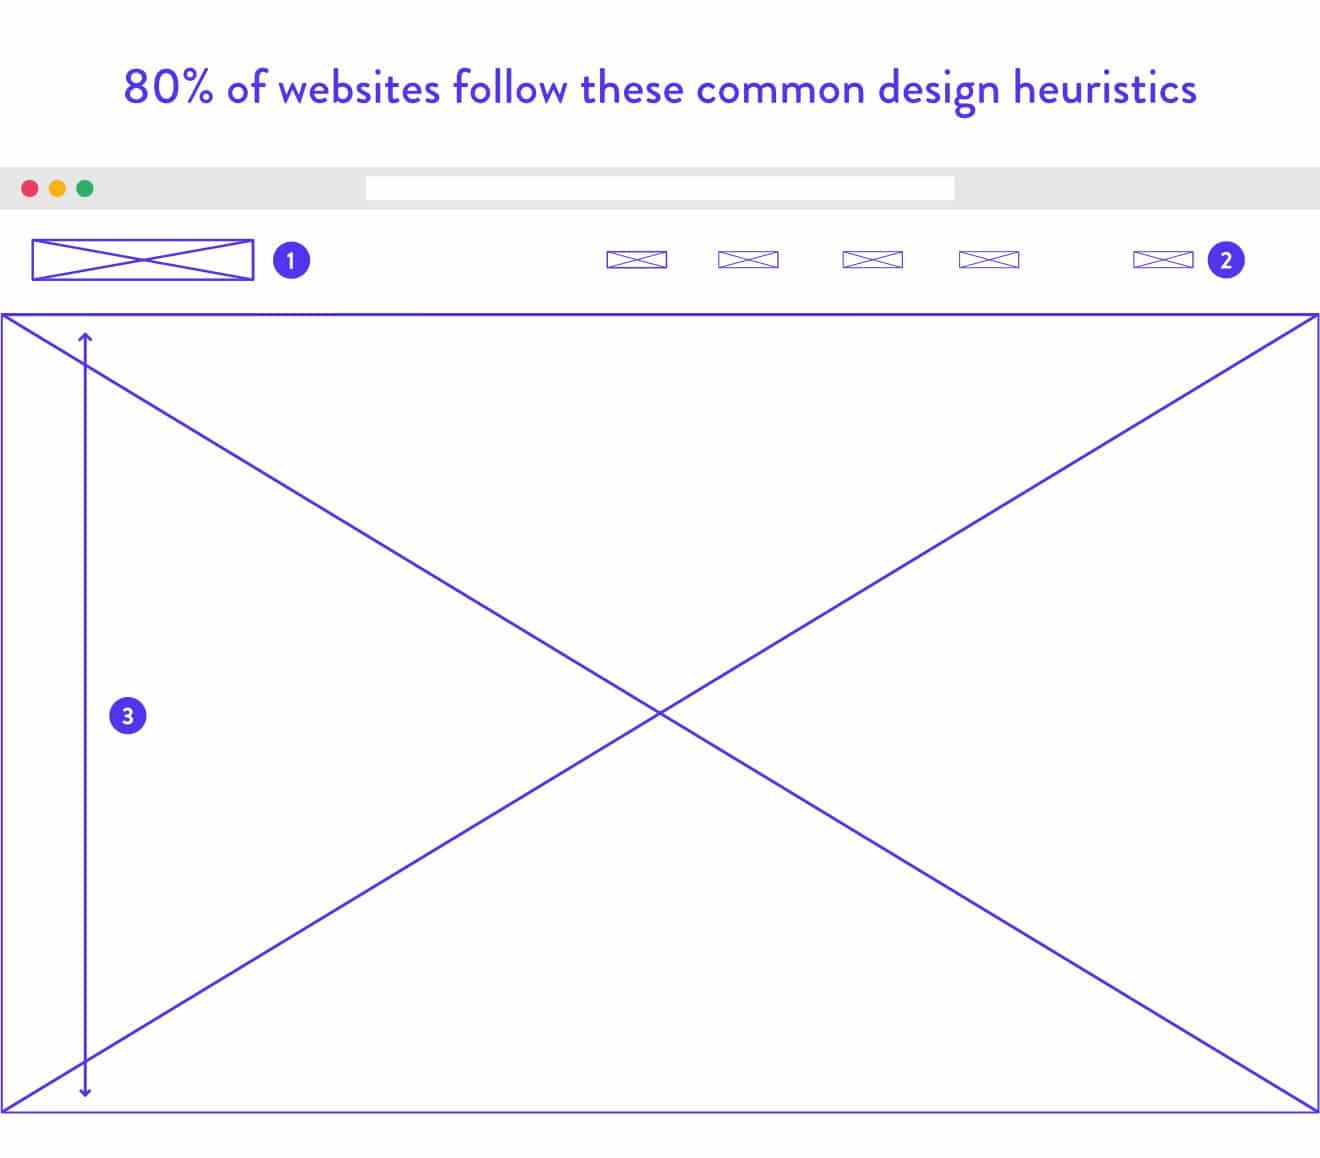 ウェブデザインの基準